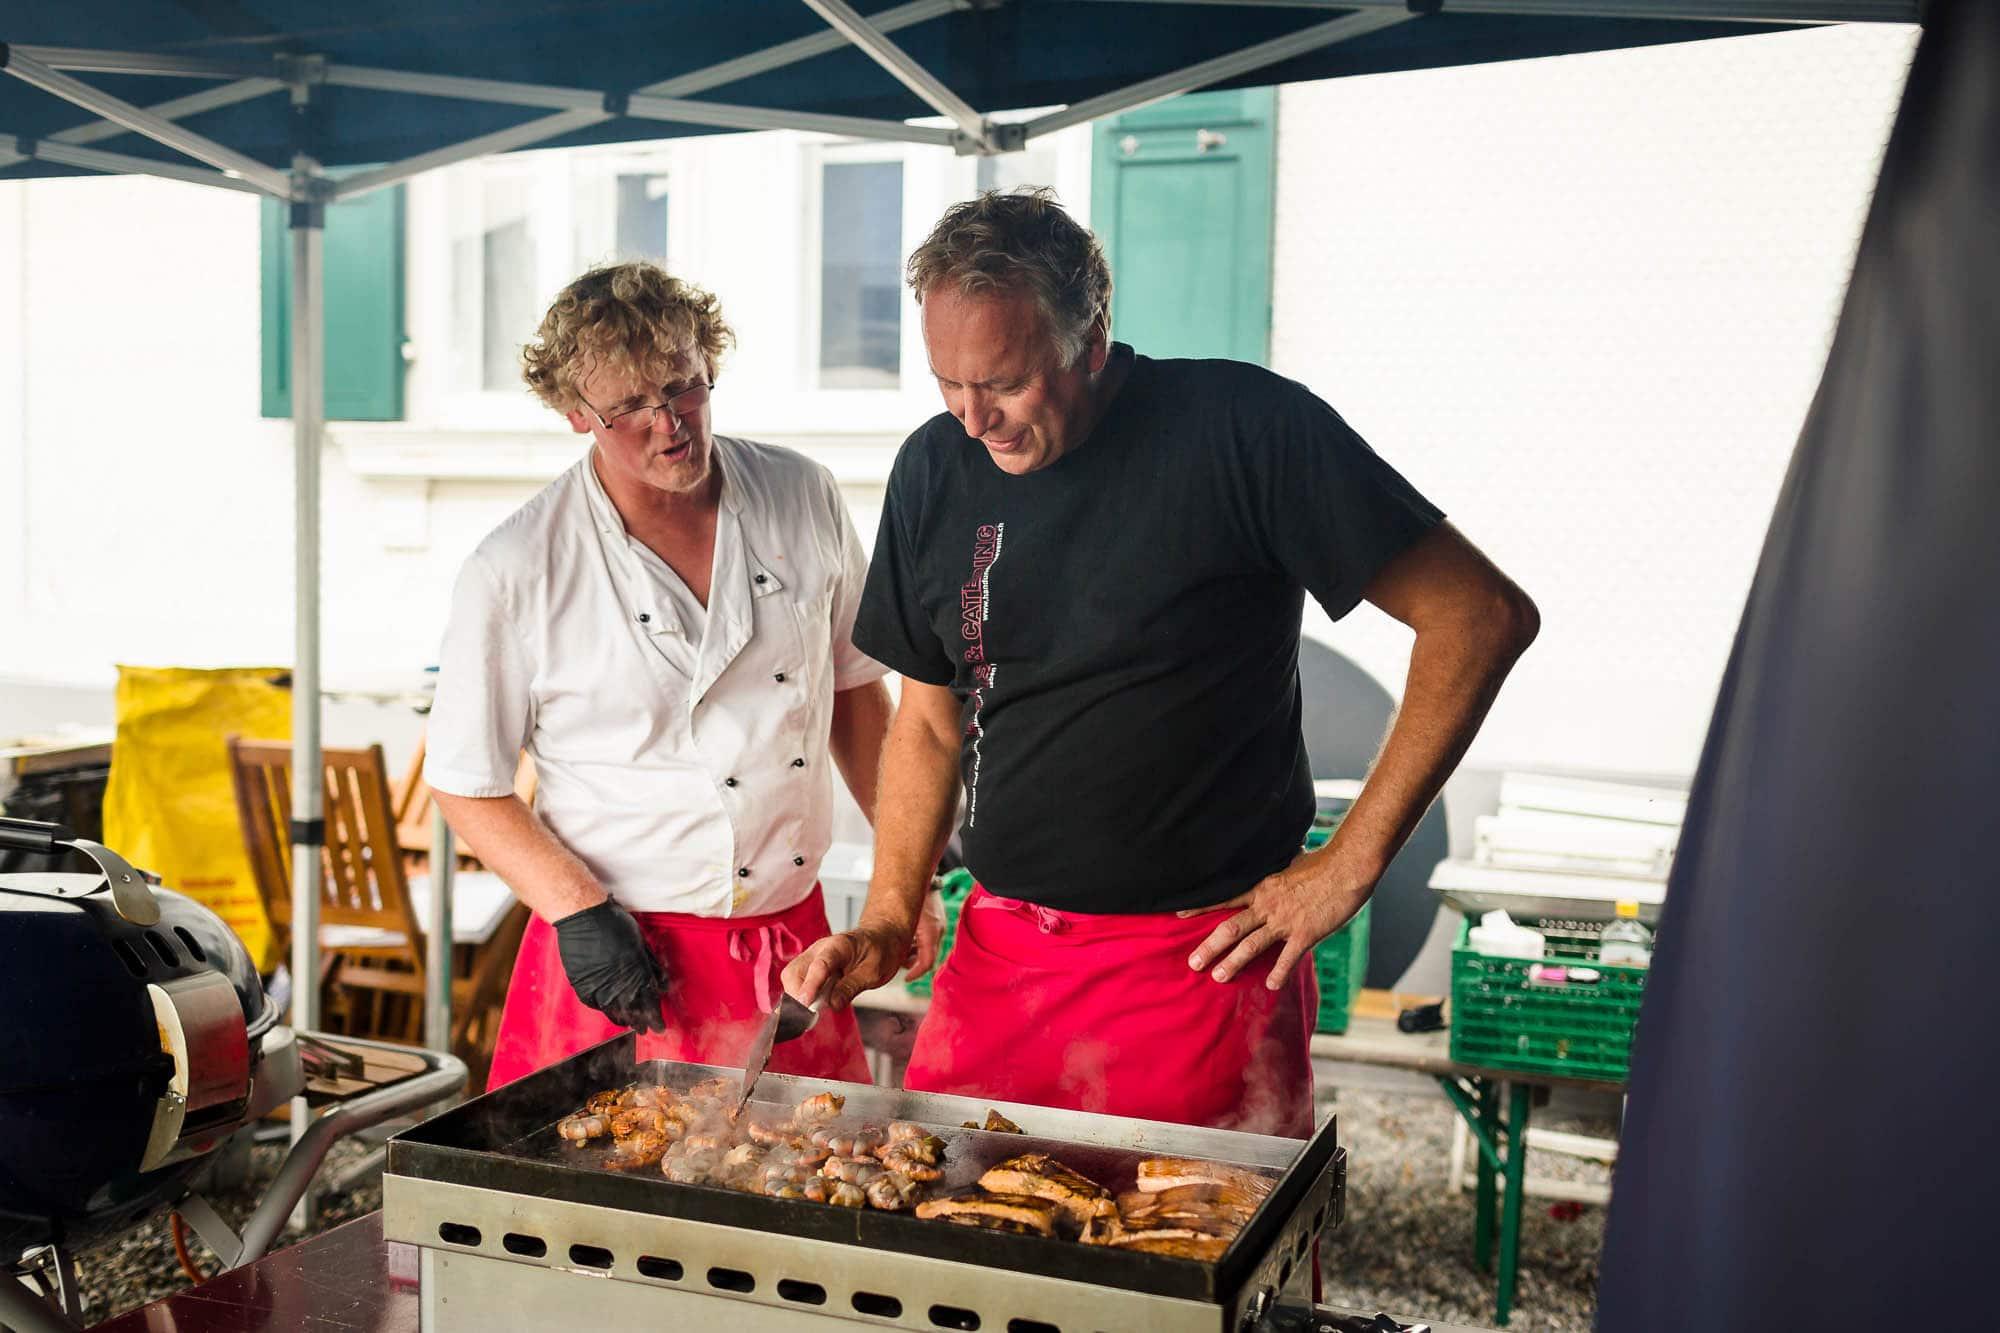 Das Grillbuffet wird vorbereitet und Fleisch grilliert